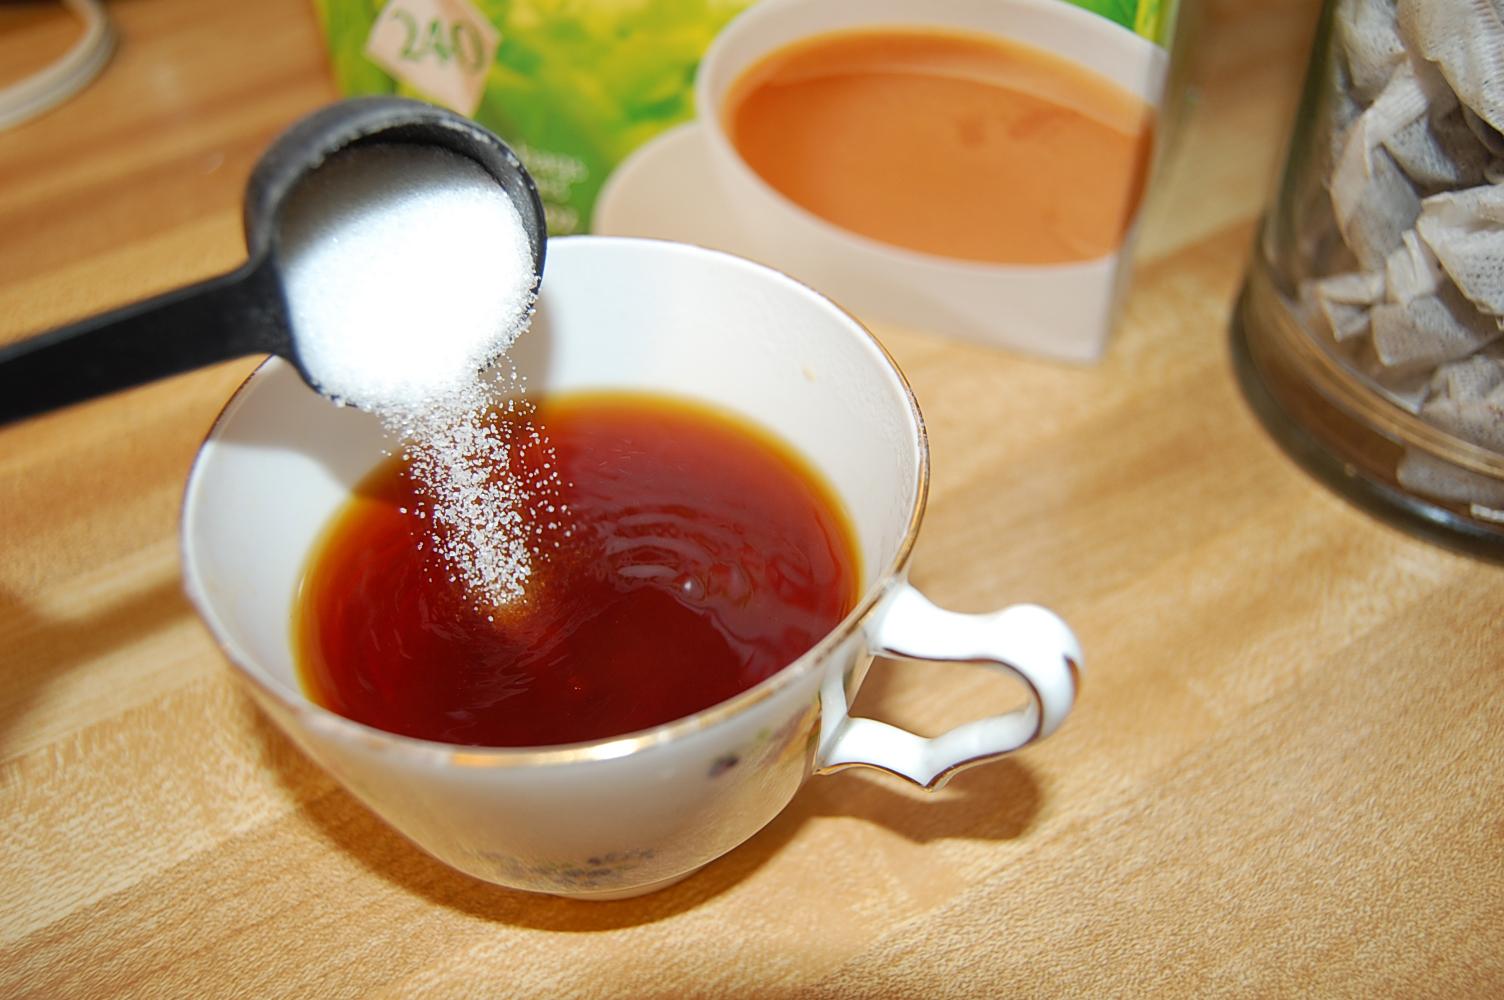 Dissolving Sugar in Tea to Dissolve The Sugar